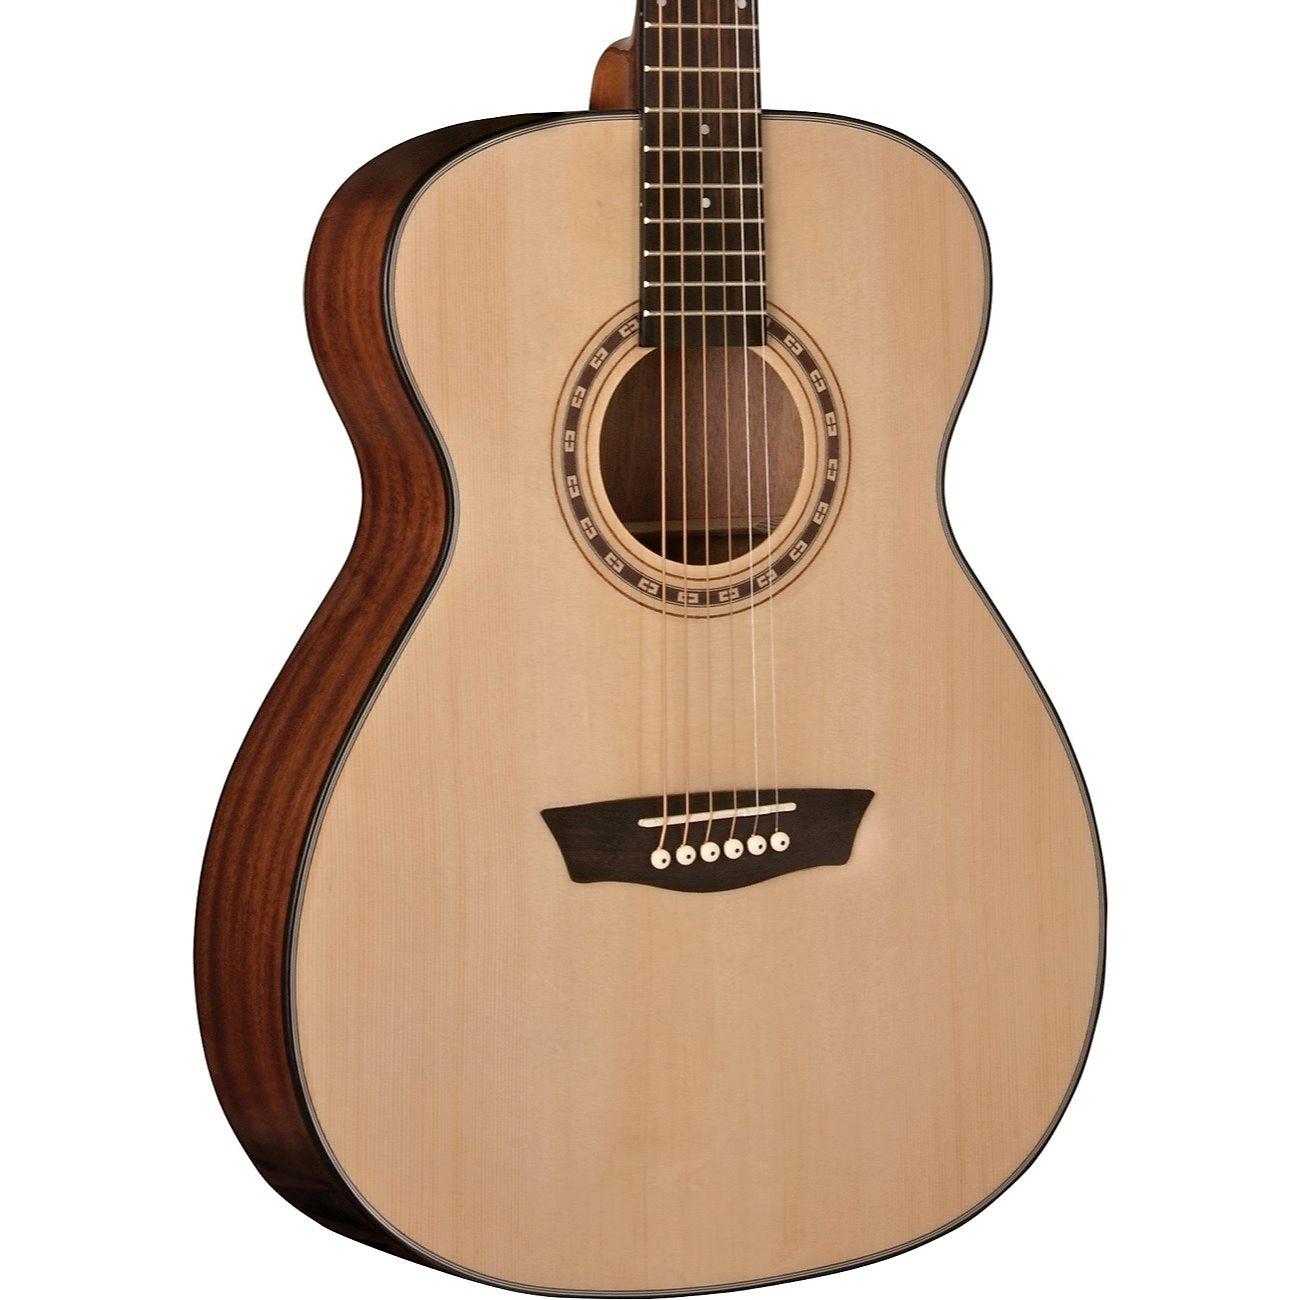 a7eee0b083 Washburn AF5K Apprentice 5 Series Folk Acoustic Guitar